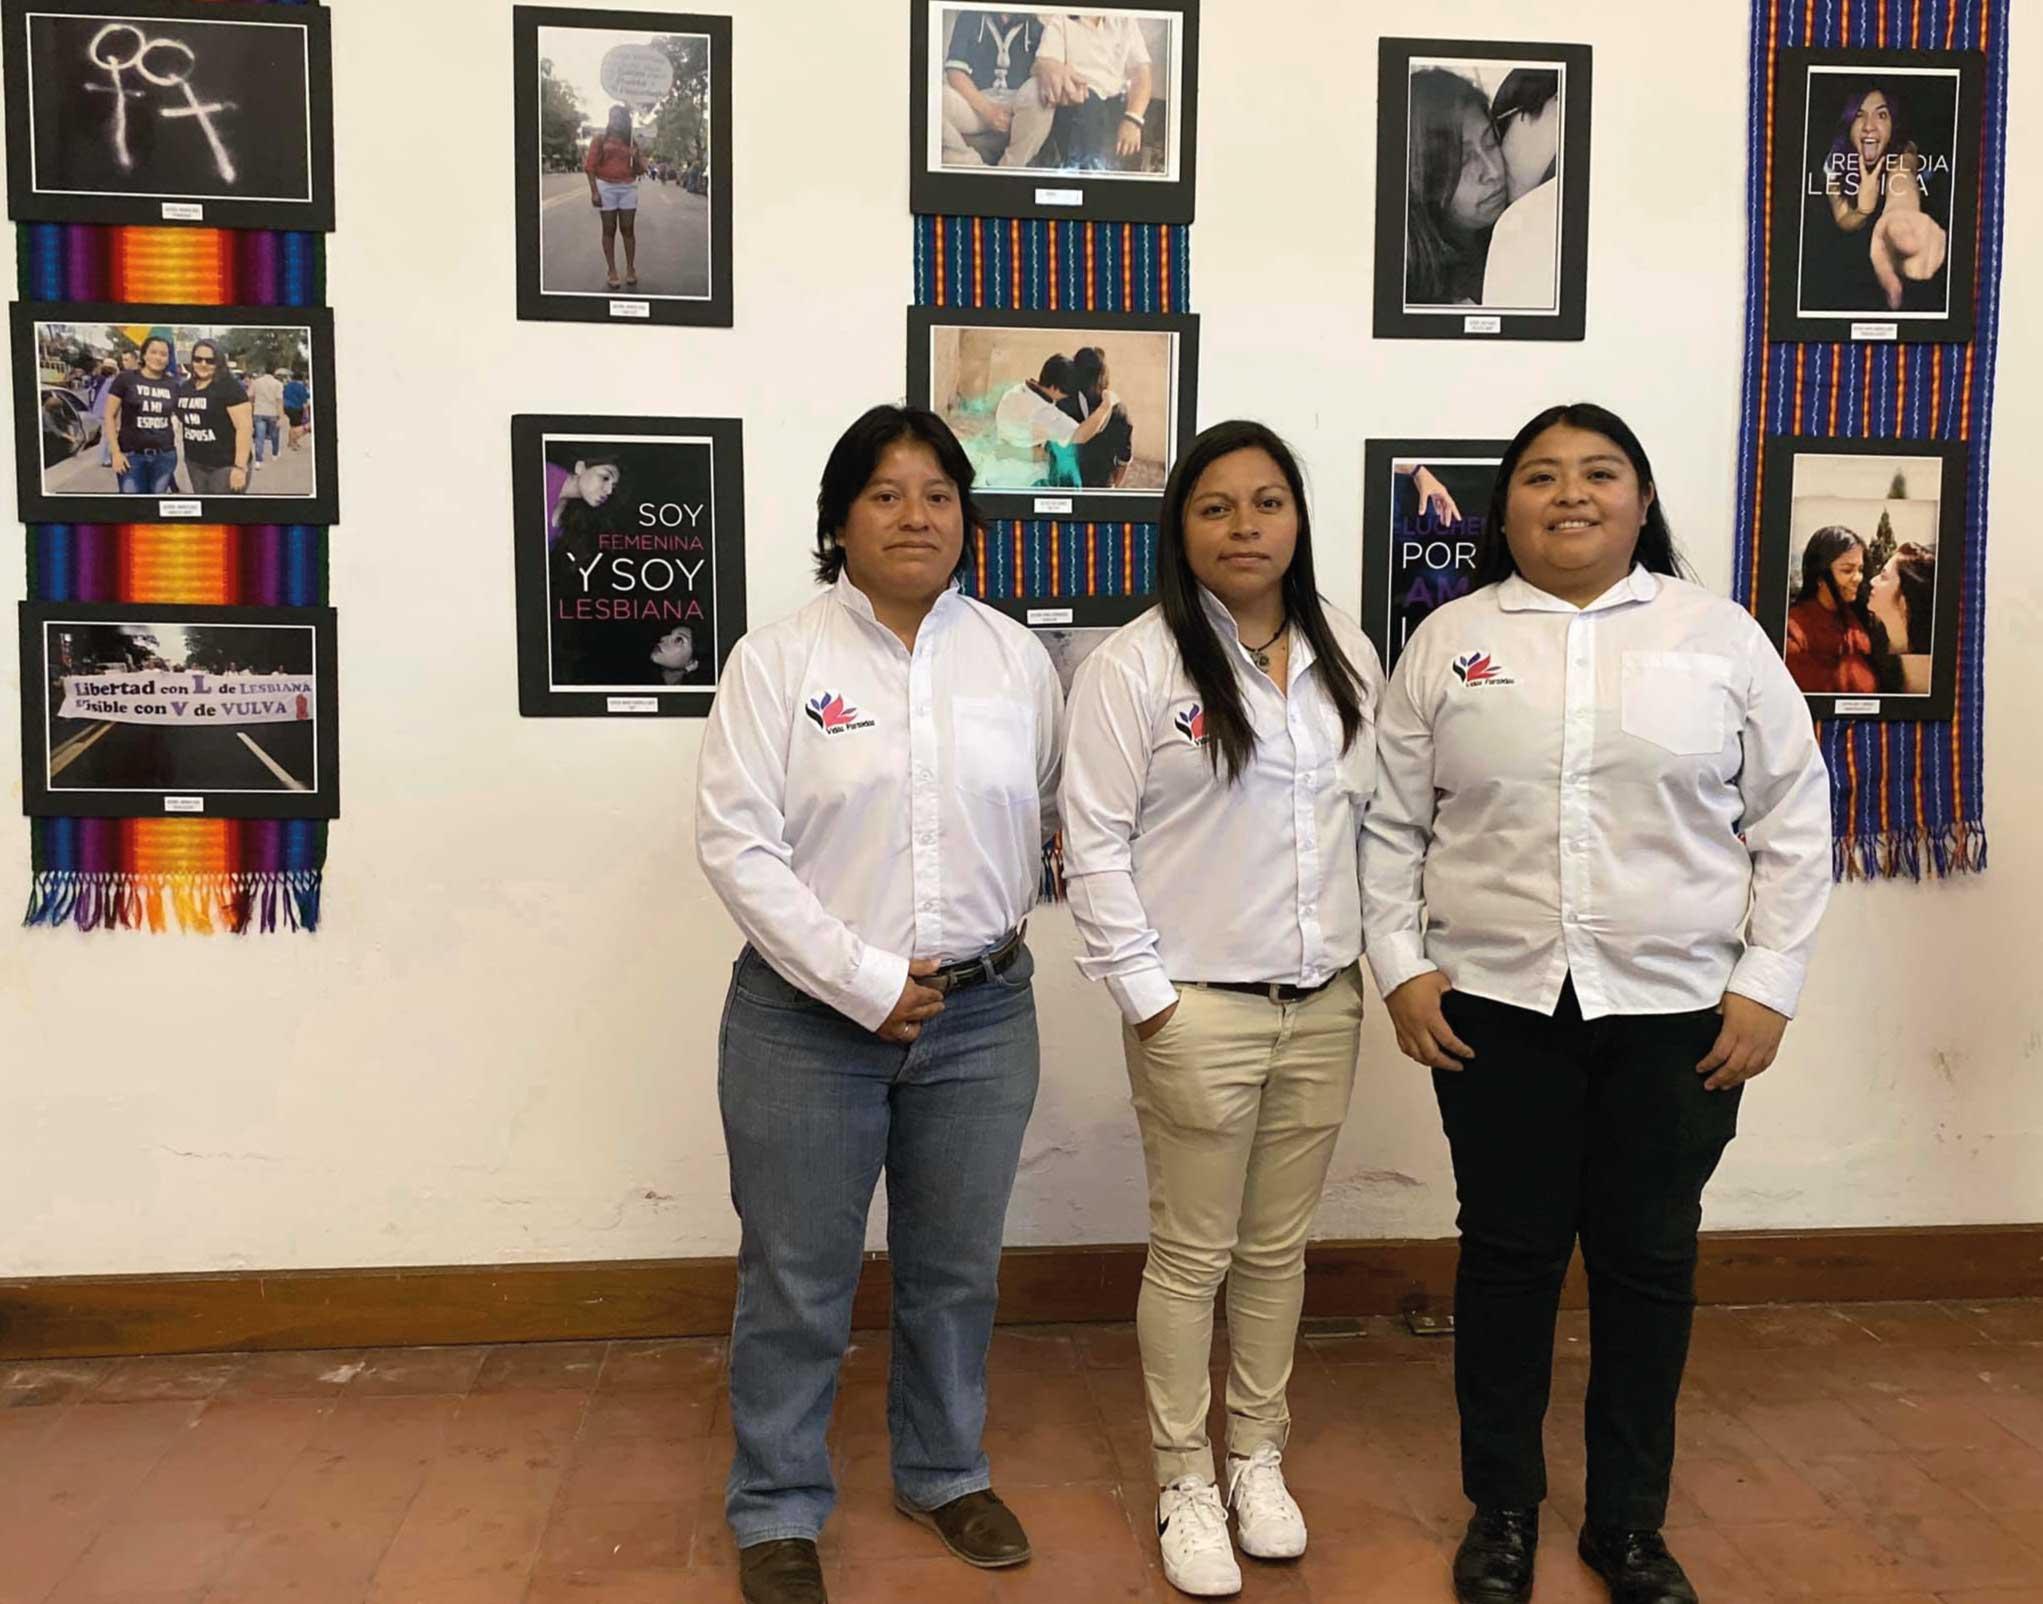 Andrea Díaz mujeres Indígenas LGBT+